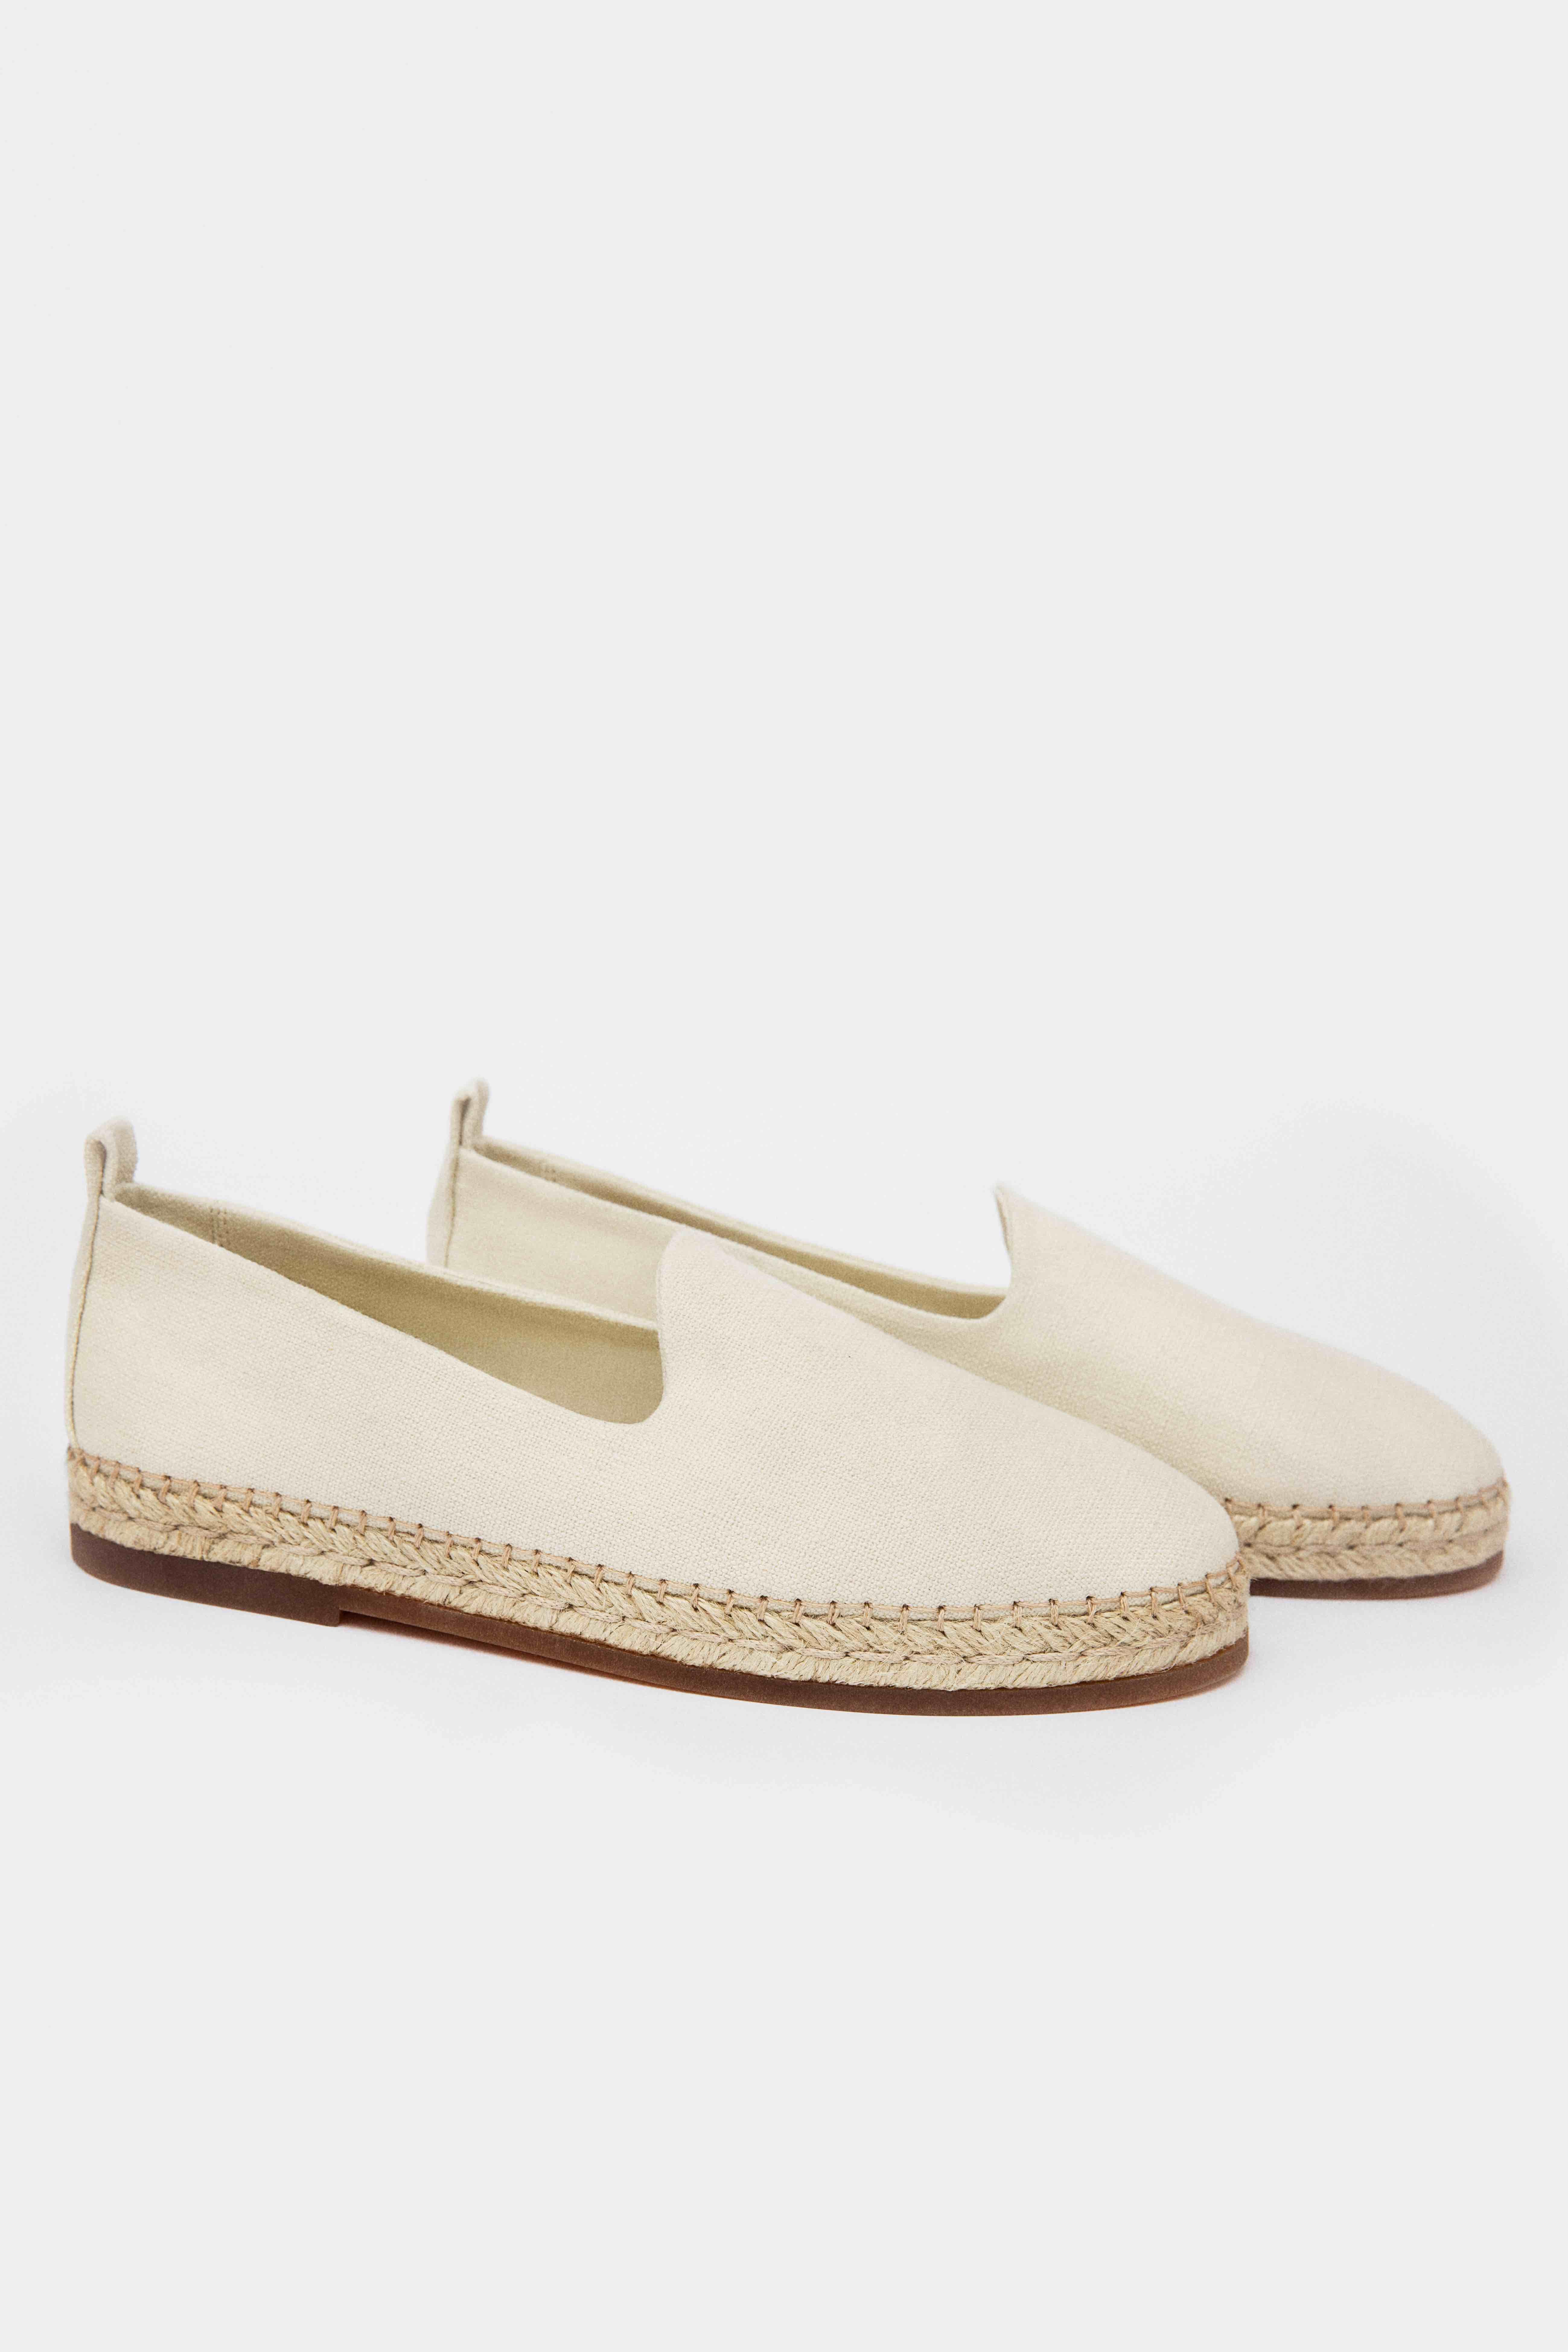 Espadrille shoes, Espadrilles, Mens